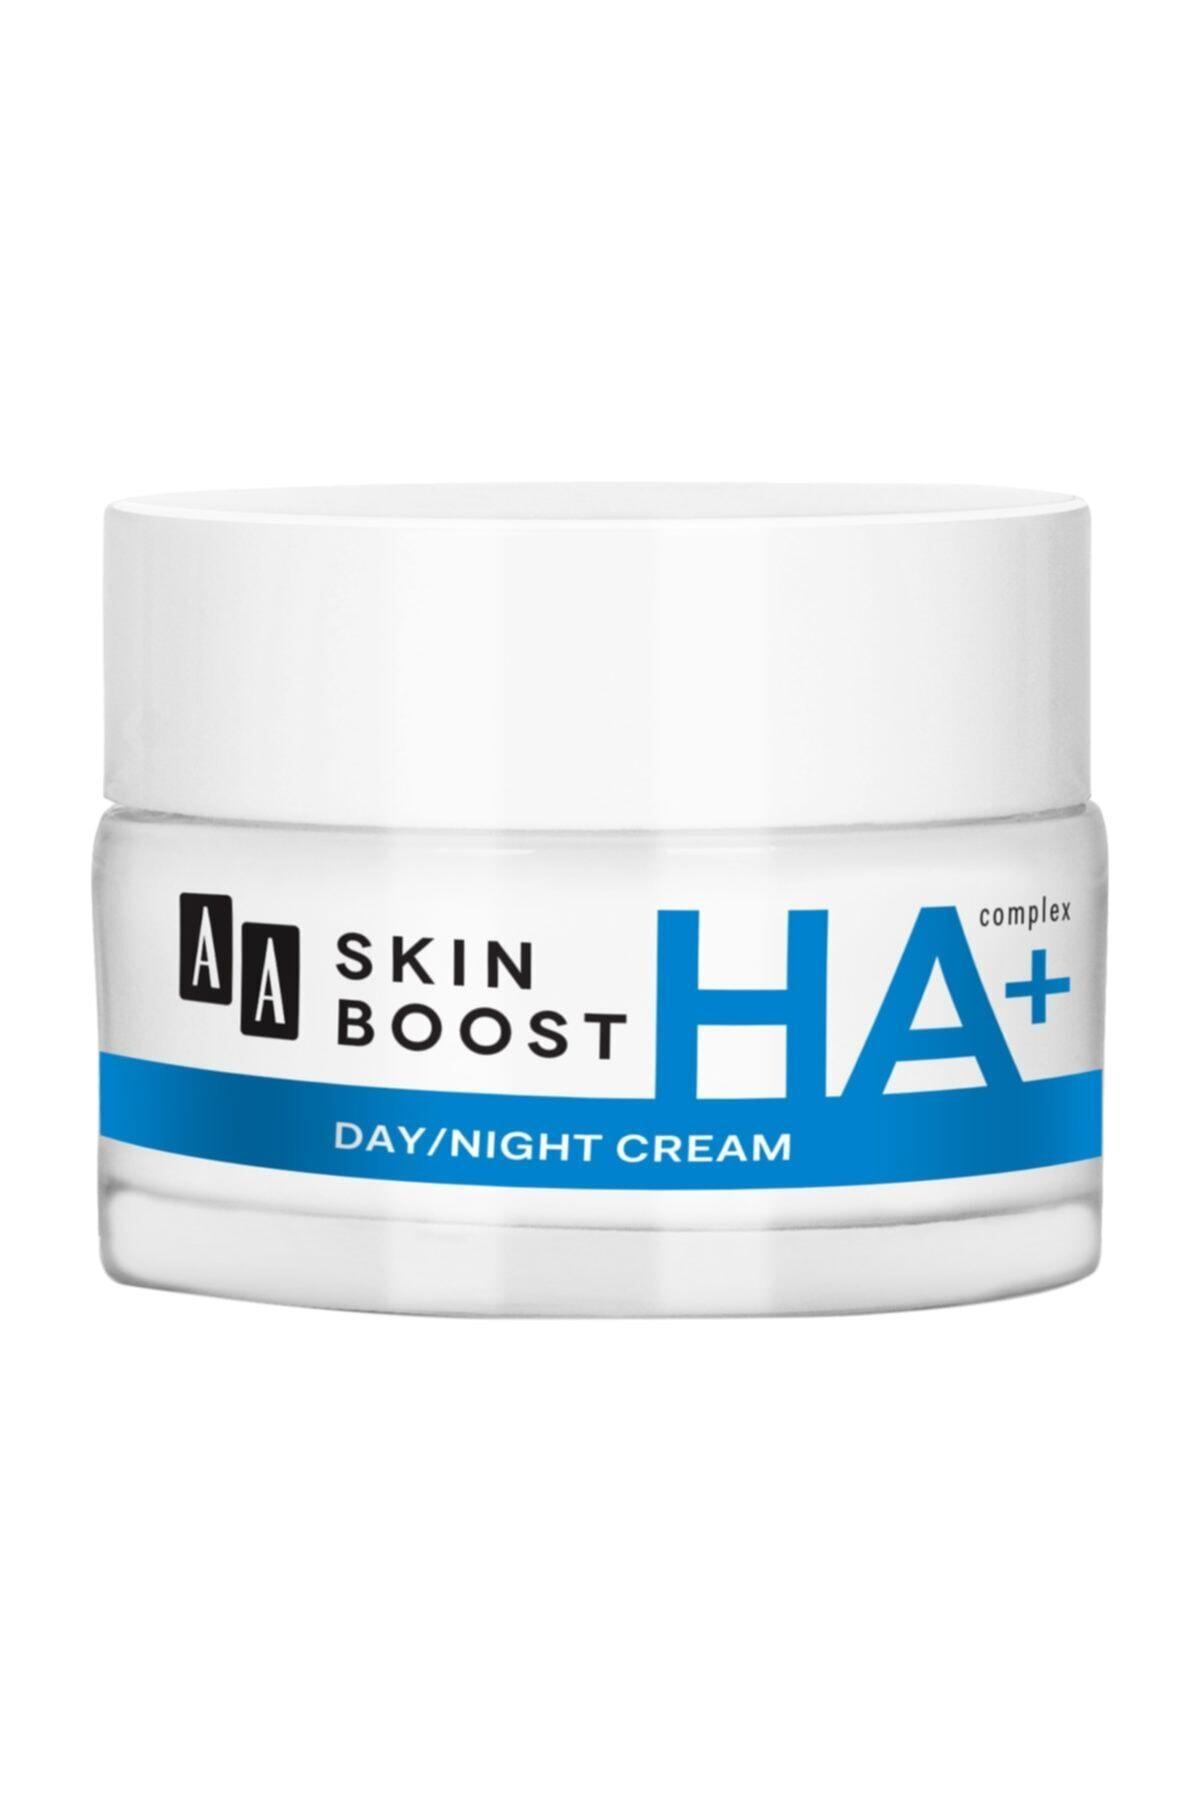 AA Cosmetics Aa Skin Boost Hyaluronik Nemlendirici Gündüz/gece Kremi 50ml 1